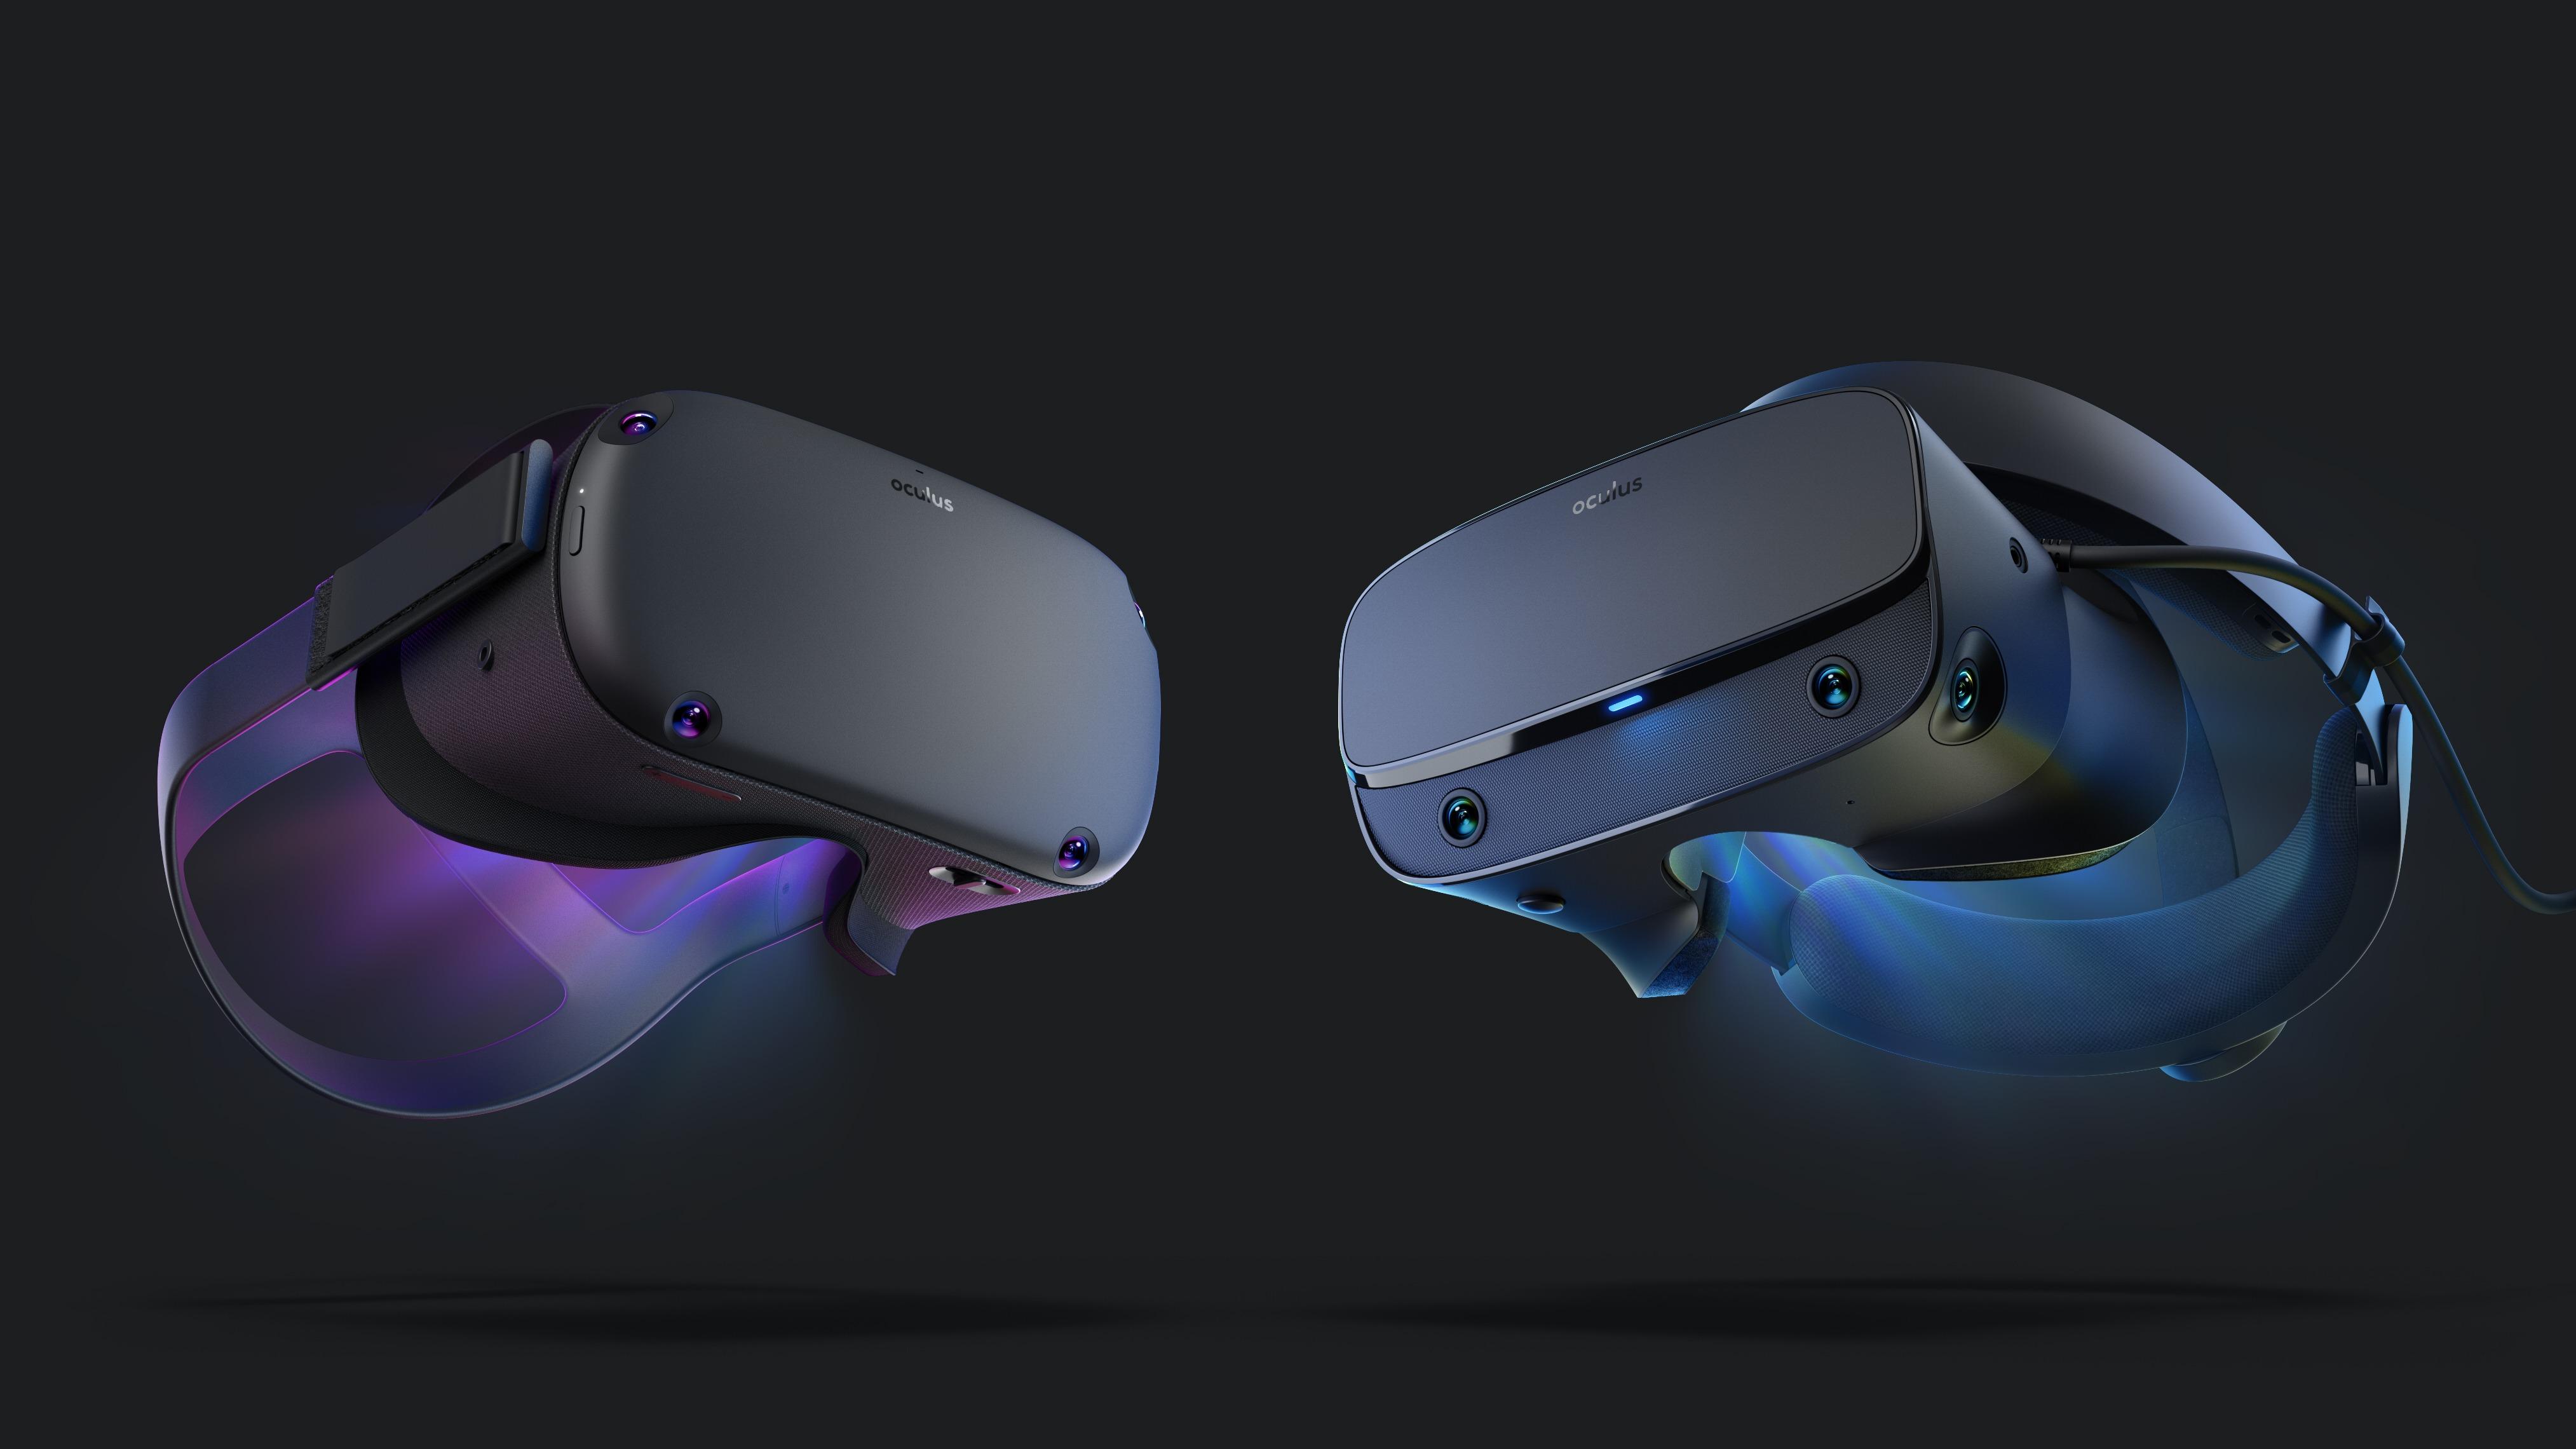 Megjelent az Oculus Rift S, a Quest és egy rakás játék a mai napon